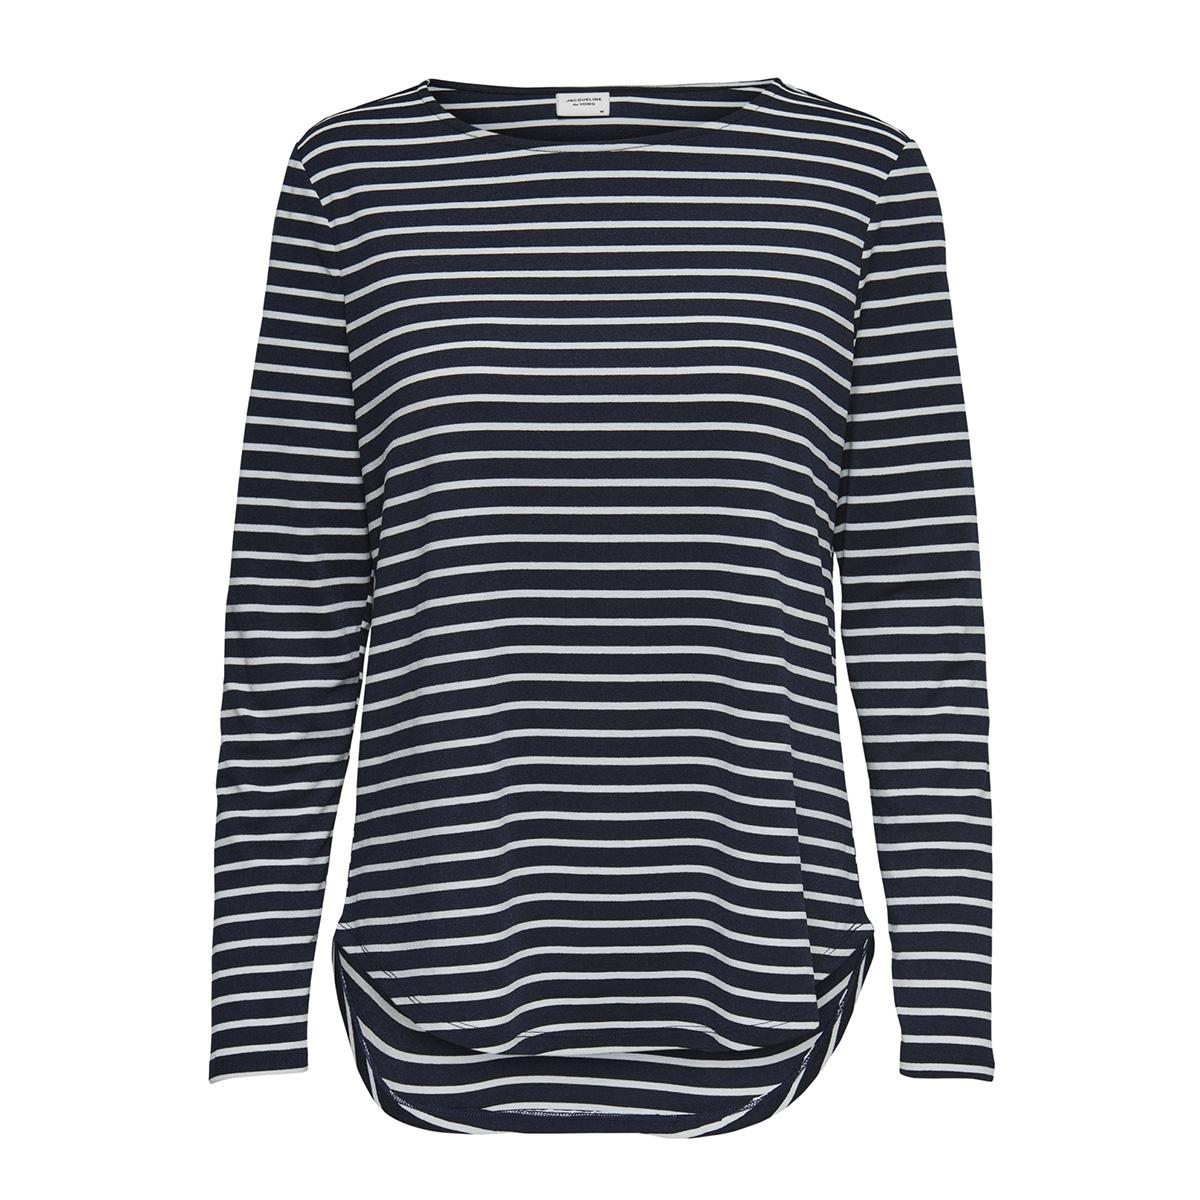 jdynola l/s  striped  top jrs 15170915 jacqueline de yong t-shirt sky captain/cloud dancer